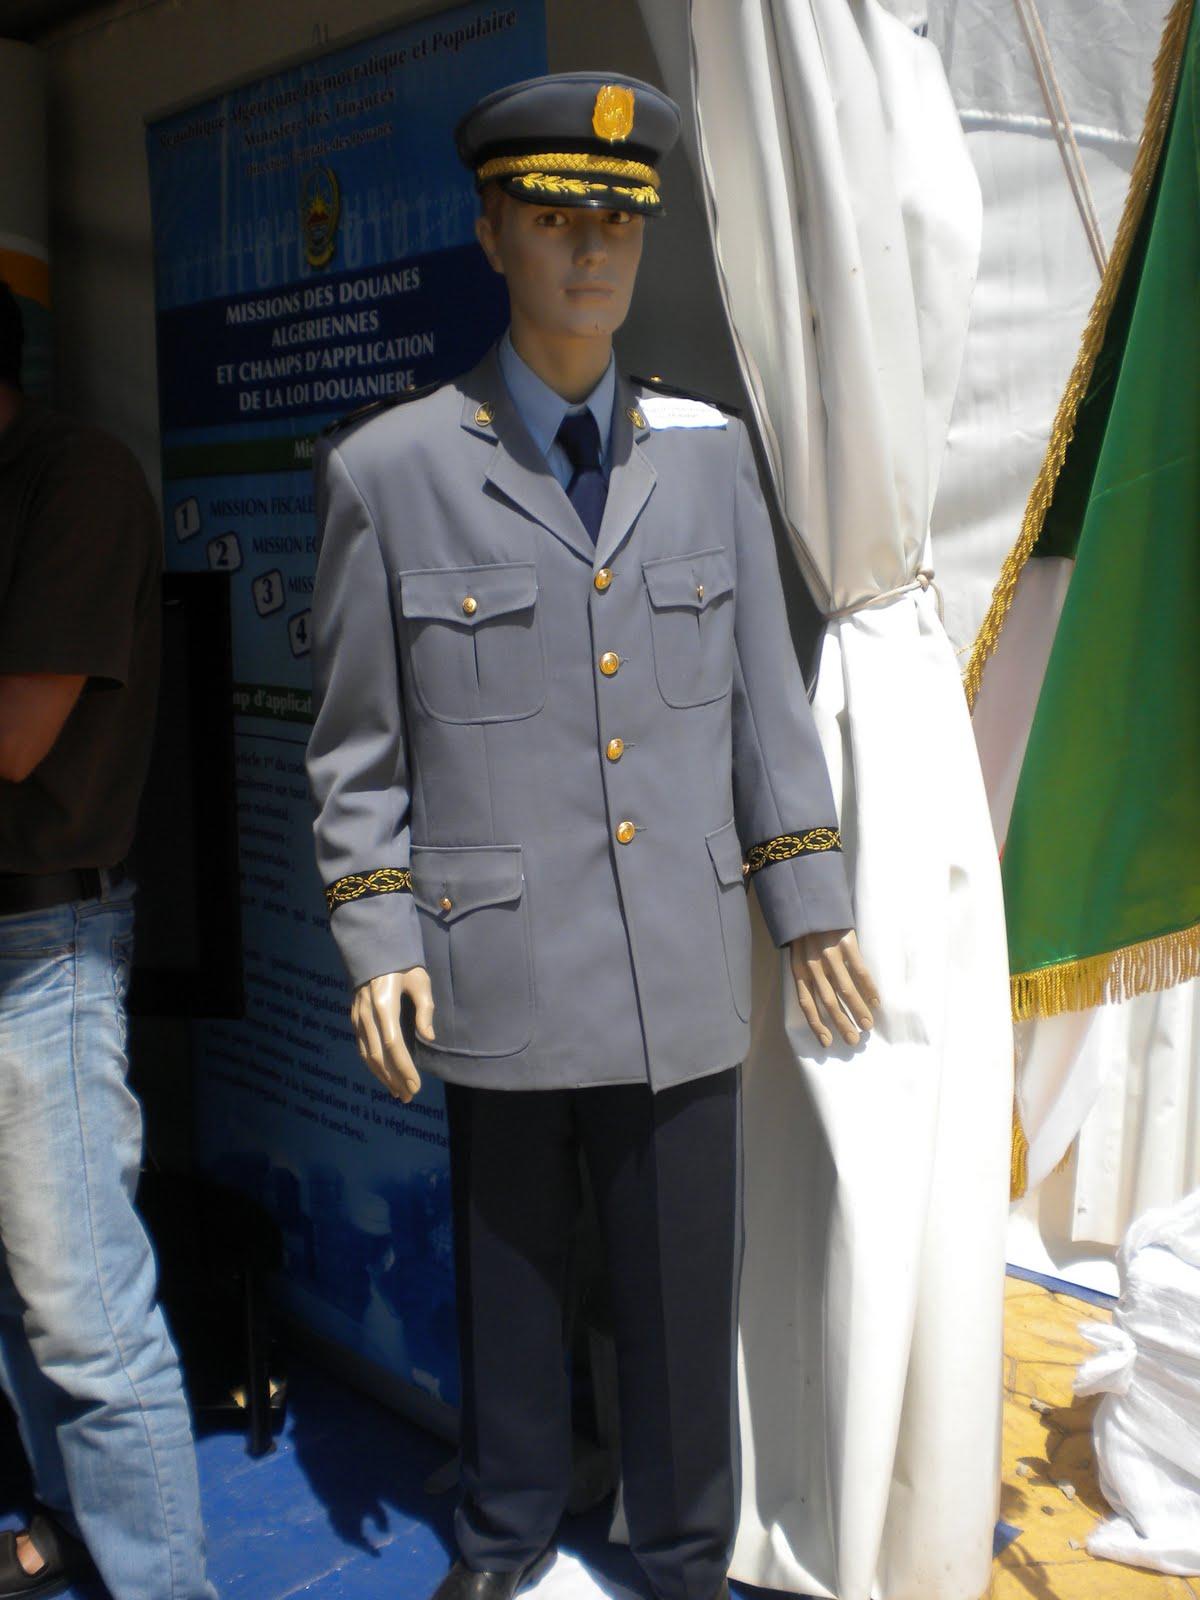 البذلات الجيش الوطني الشعبي الجزائري [ ANP / GN / DGSN / Douanes ]  - صفحة 6 DSCN4373